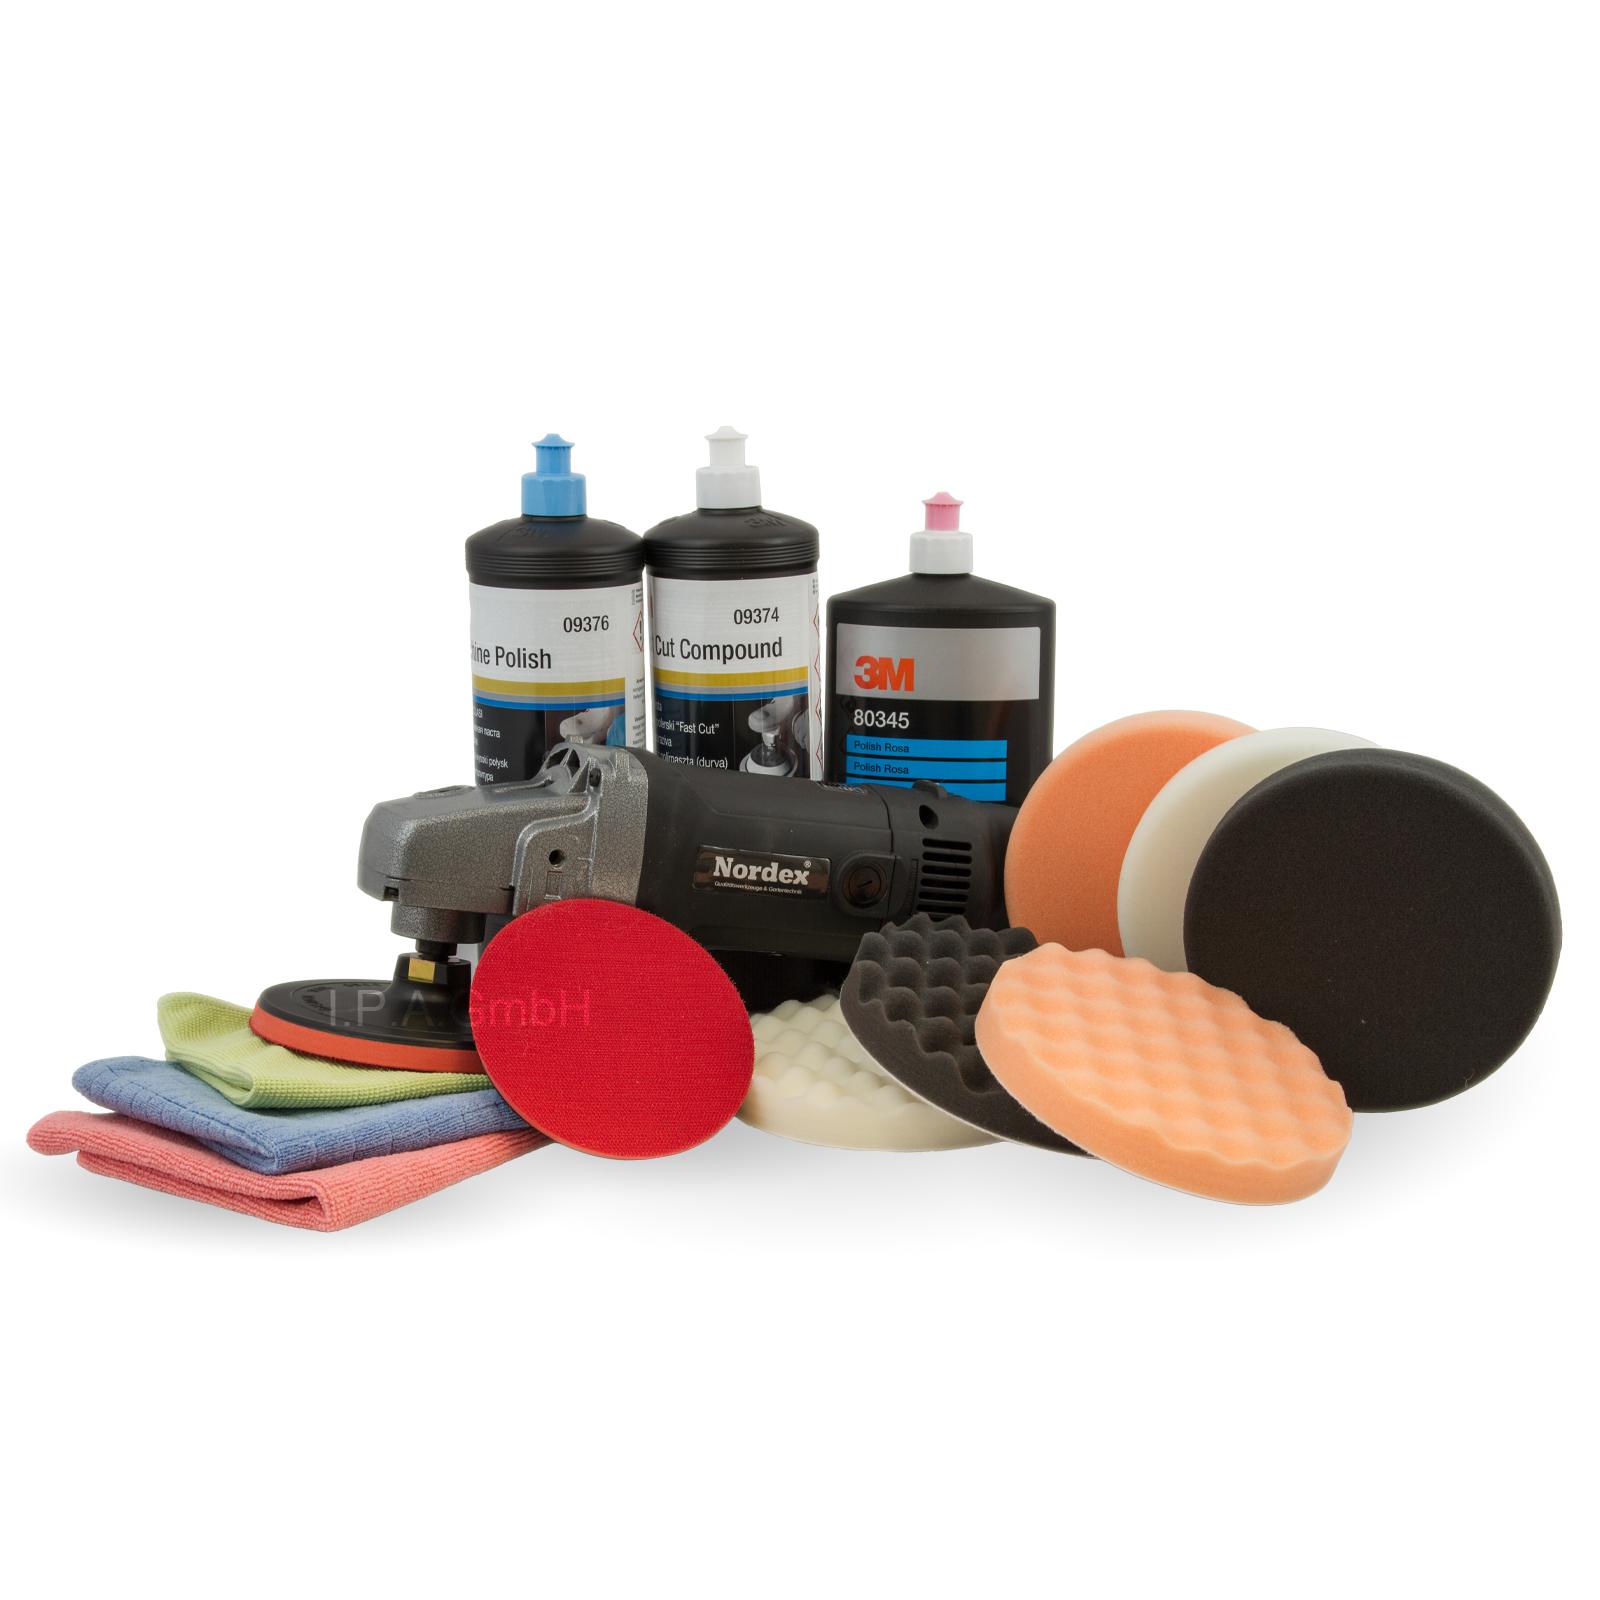 auto poliermaschine nordex profi polisher inklusive 3m polierset mit politur wachs pflegen und. Black Bedroom Furniture Sets. Home Design Ideas